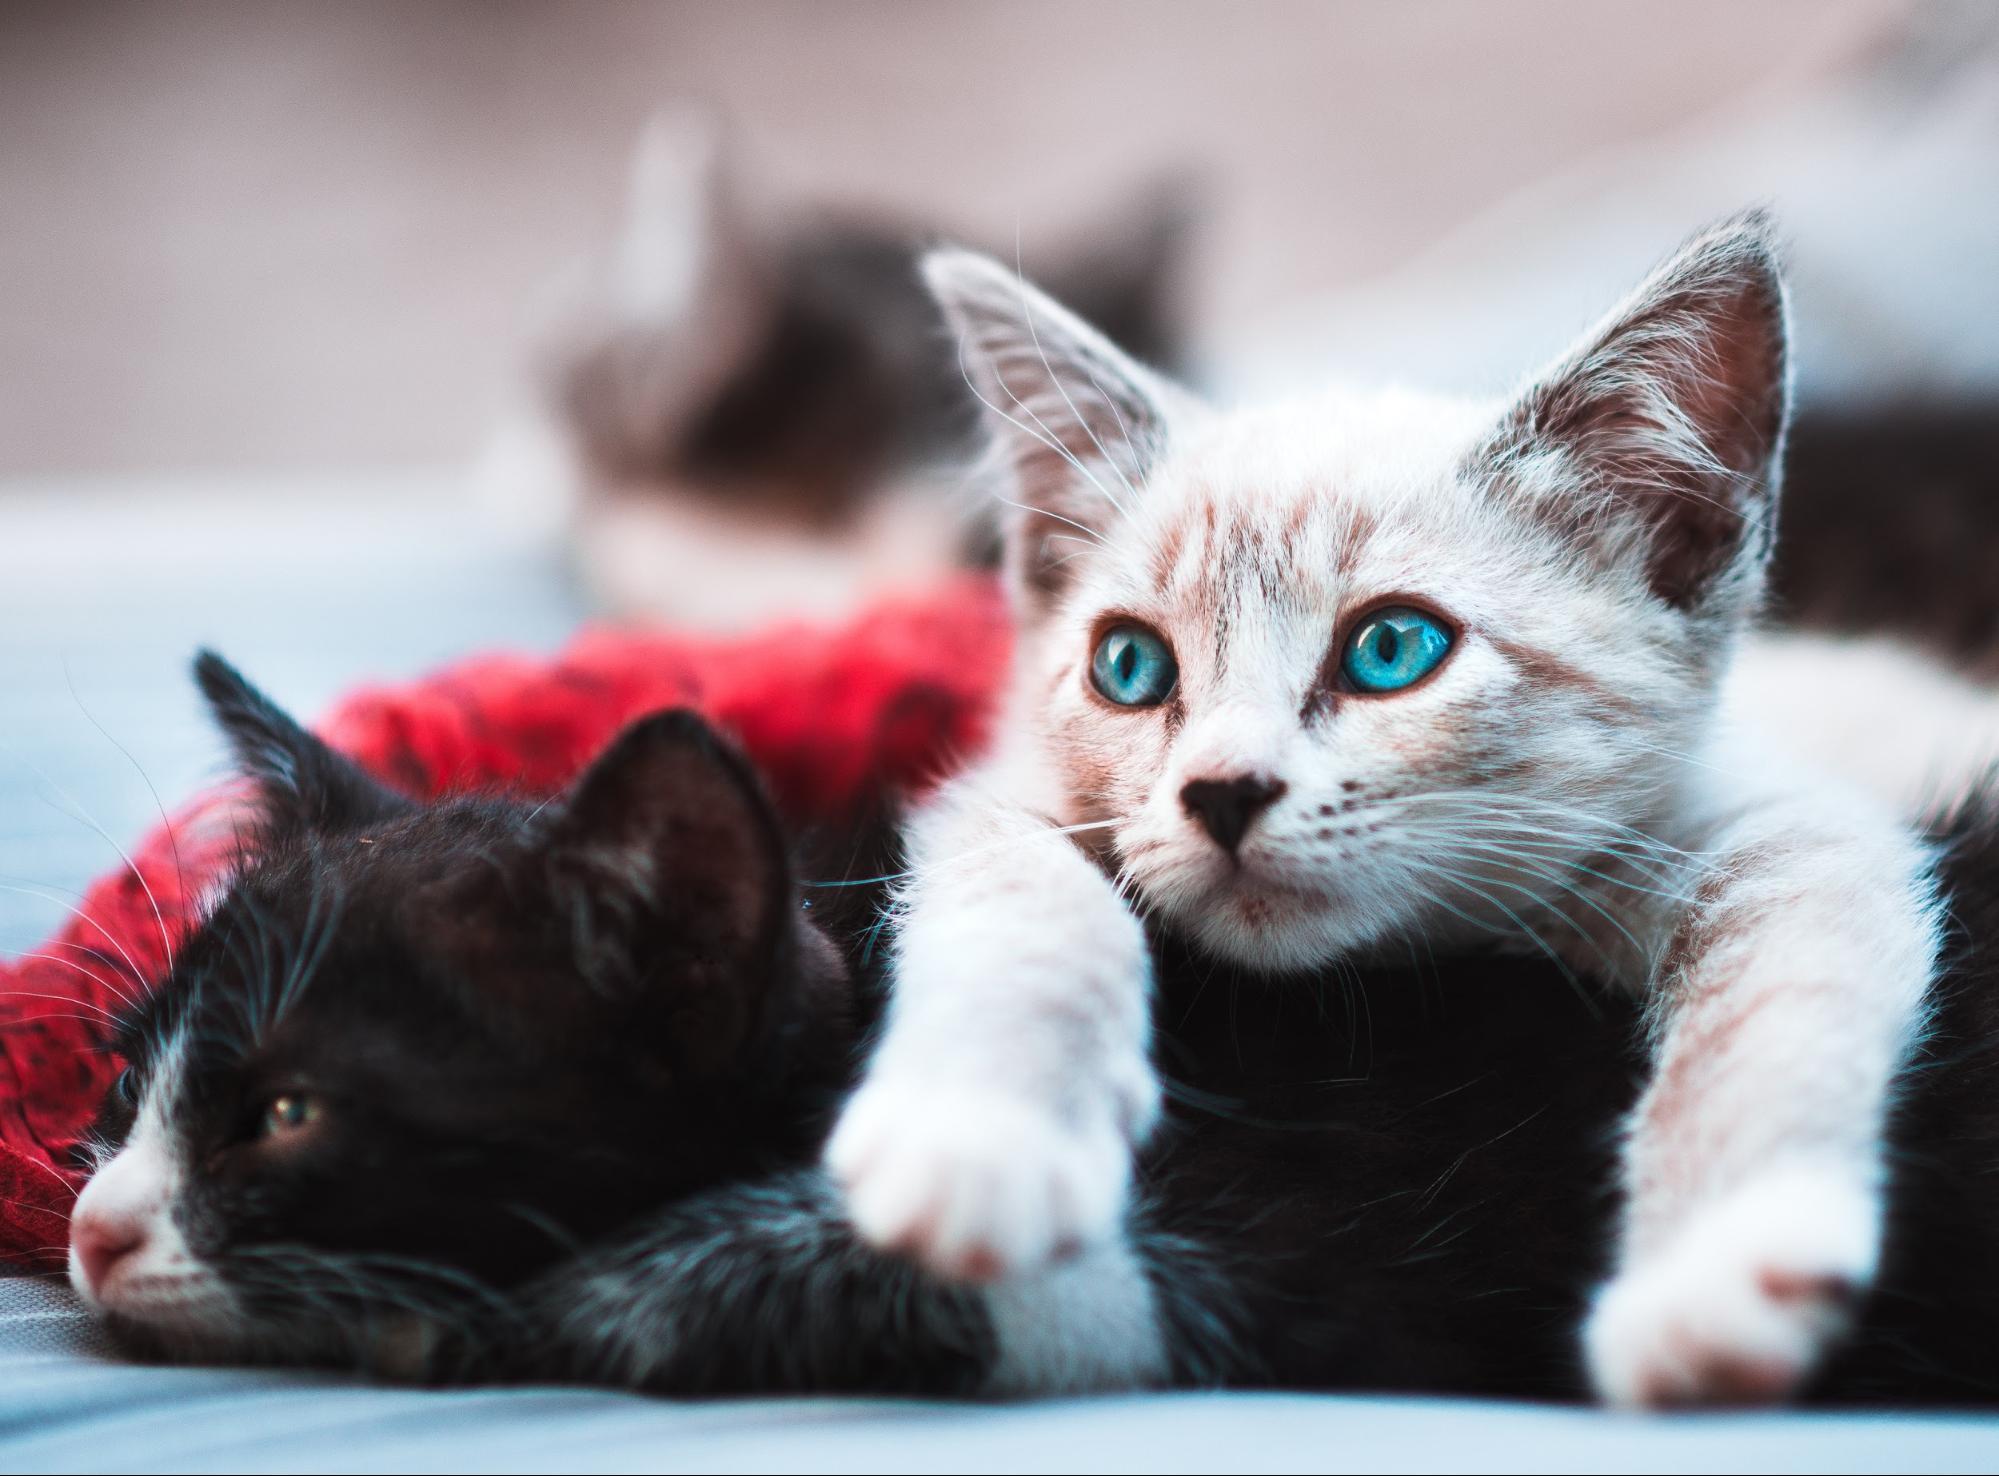 2 kittens instagram hashtags